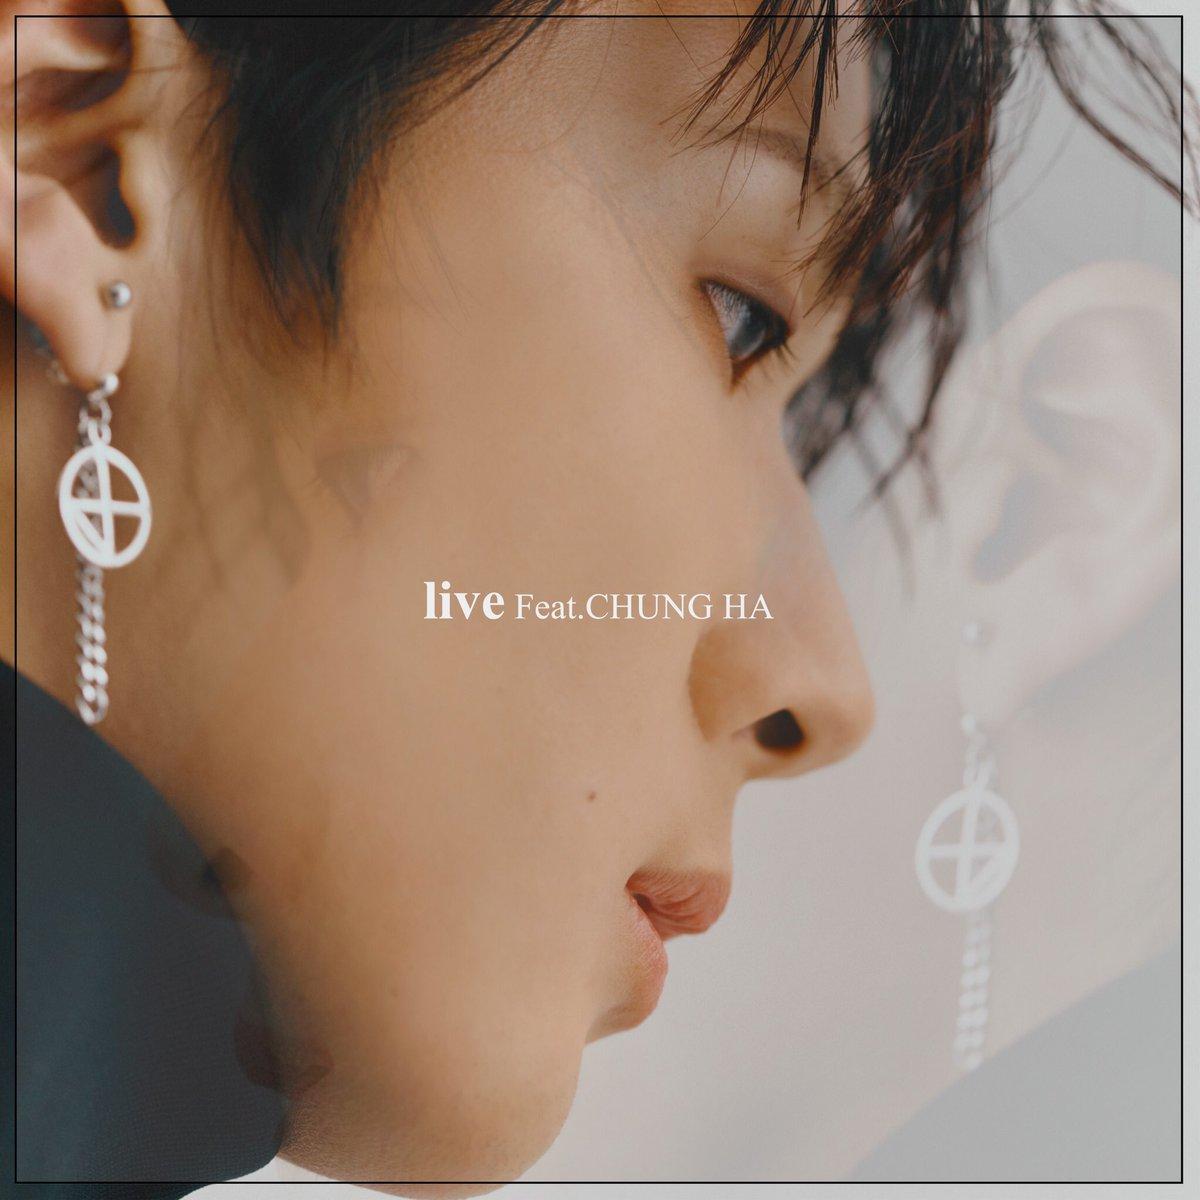 나는 로빅이다. #라비 요원의 '#live (Feat.청하)' 음원이 조금 전 음원사이트를 통해 공개되었다. 음원사이트 스트리밍⭐다운로드로 별빛파워를 보여주길 바란다! [이상, RT작전 실행하라!]  #빅스 #VIXX #RAVI #청하  #live_Feat_청하 #20190218_6PM